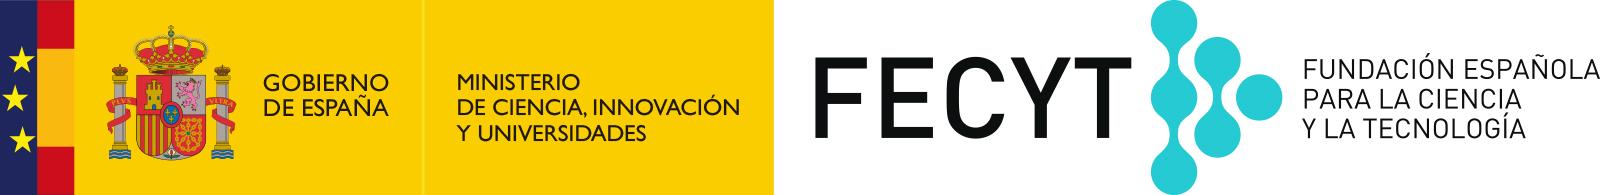 https://www.convocatoria.fecyt.es/publico/Logotipos/__Recursos/LogoMinisterioBandera-FECYT.jpg